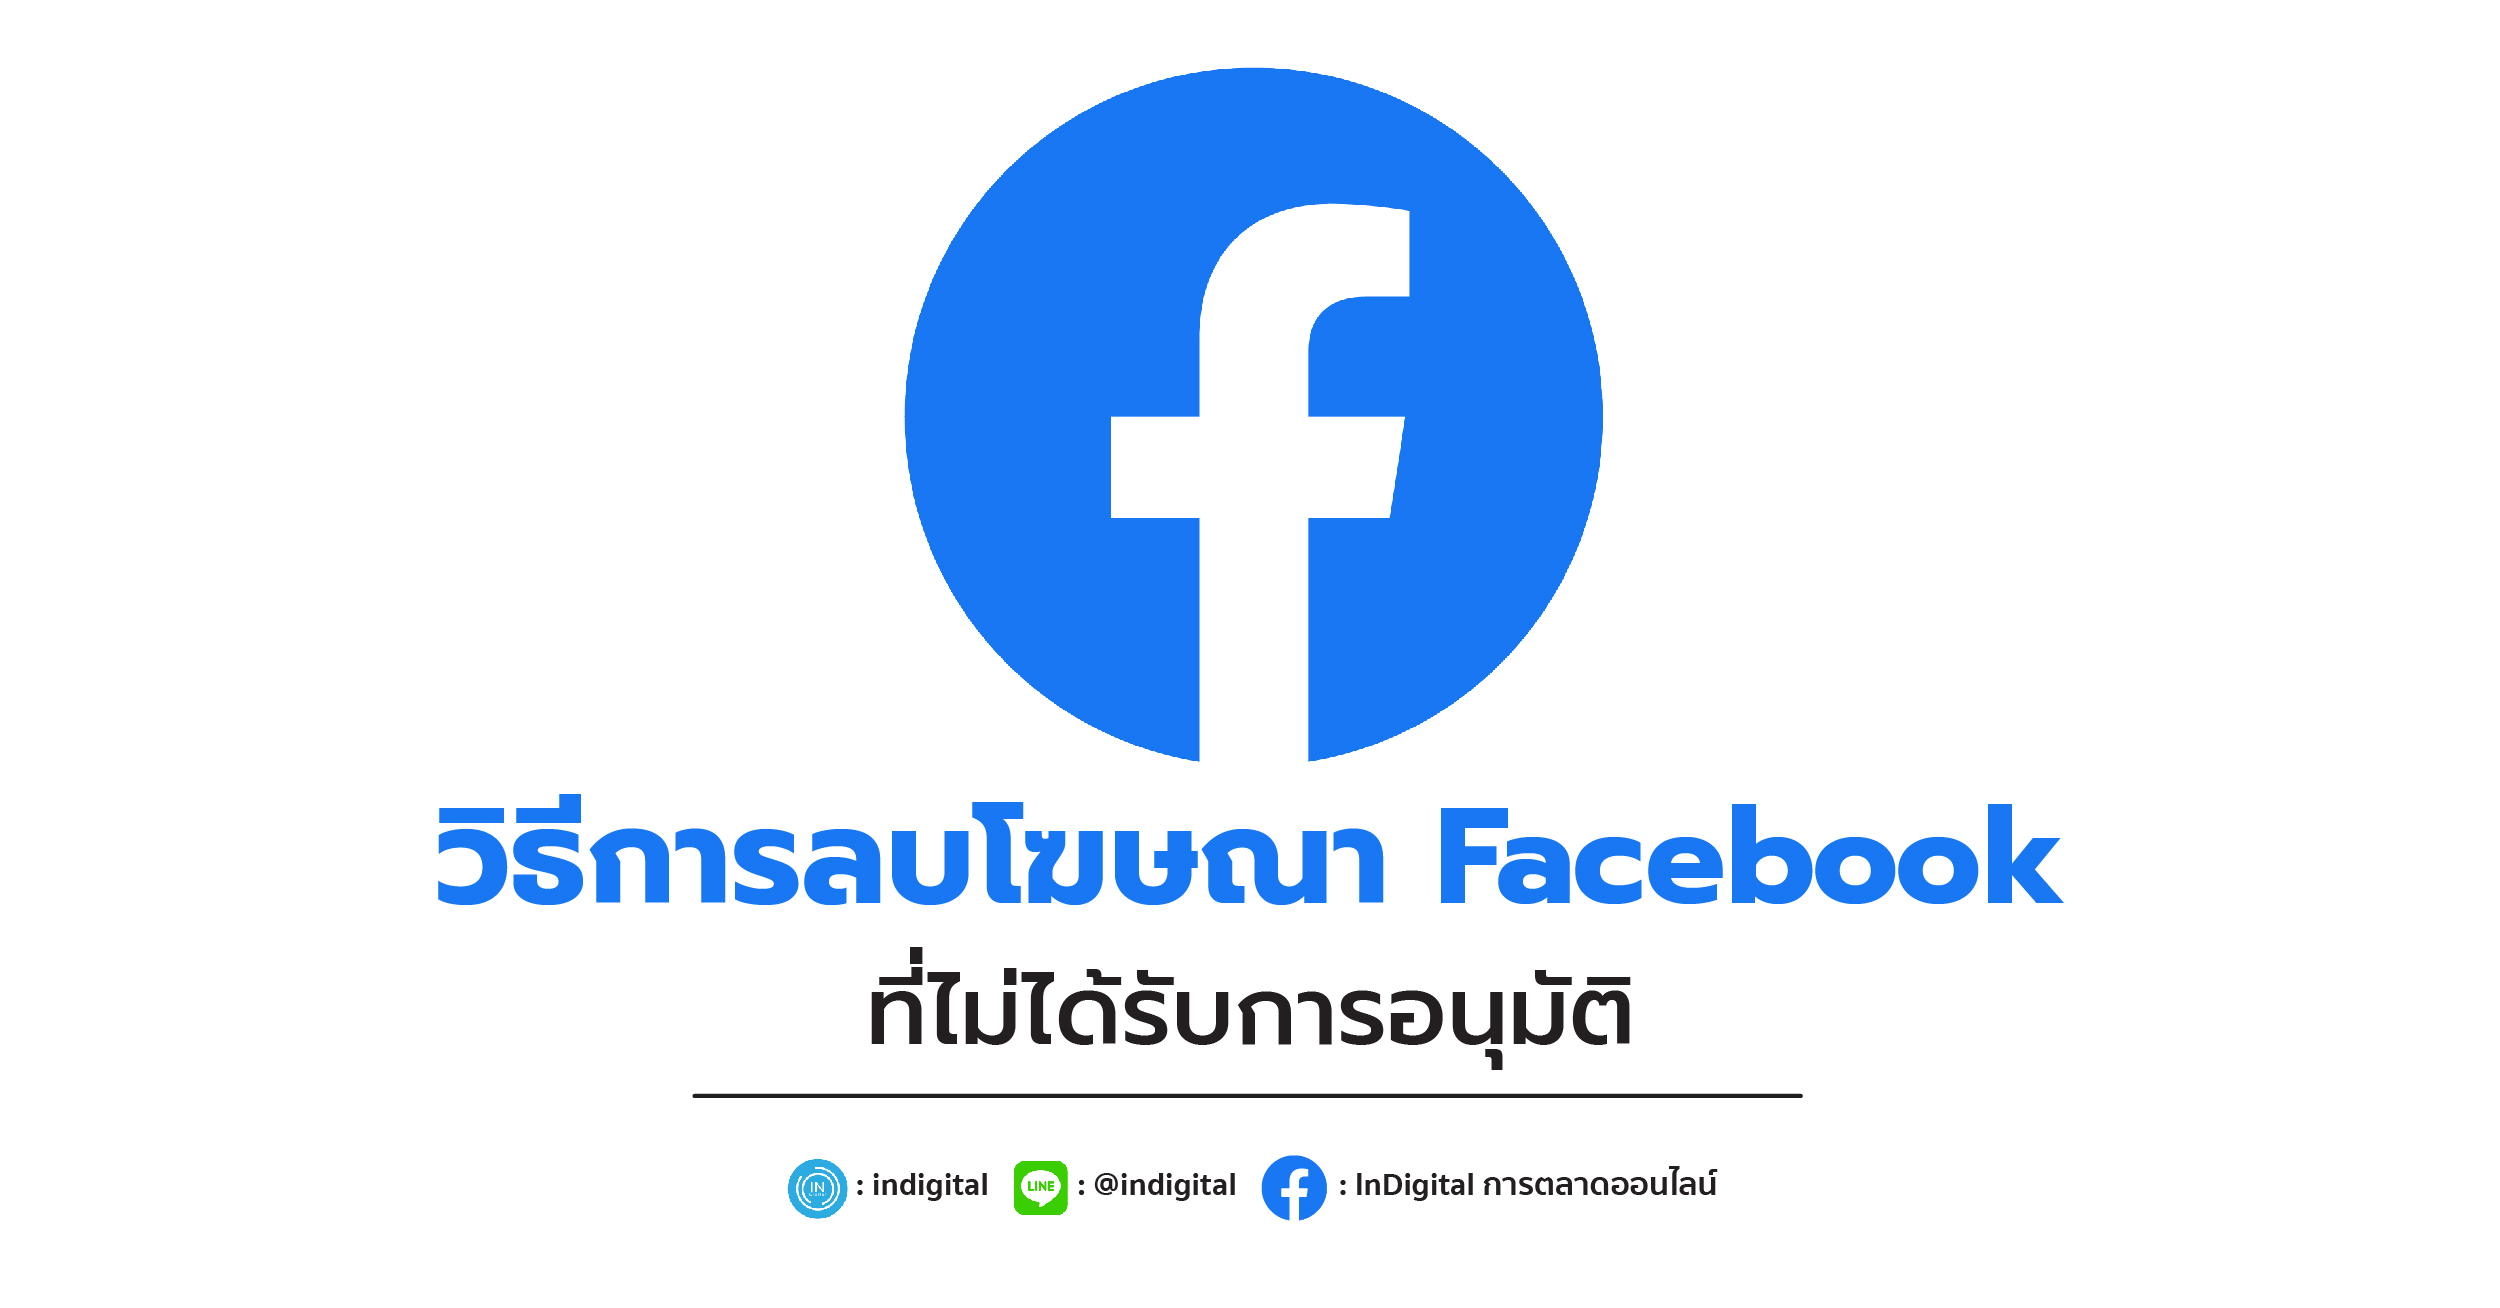 วิธีการลบโฆษณา Facebook ที่ไม่ได้รับการอนุมัติ